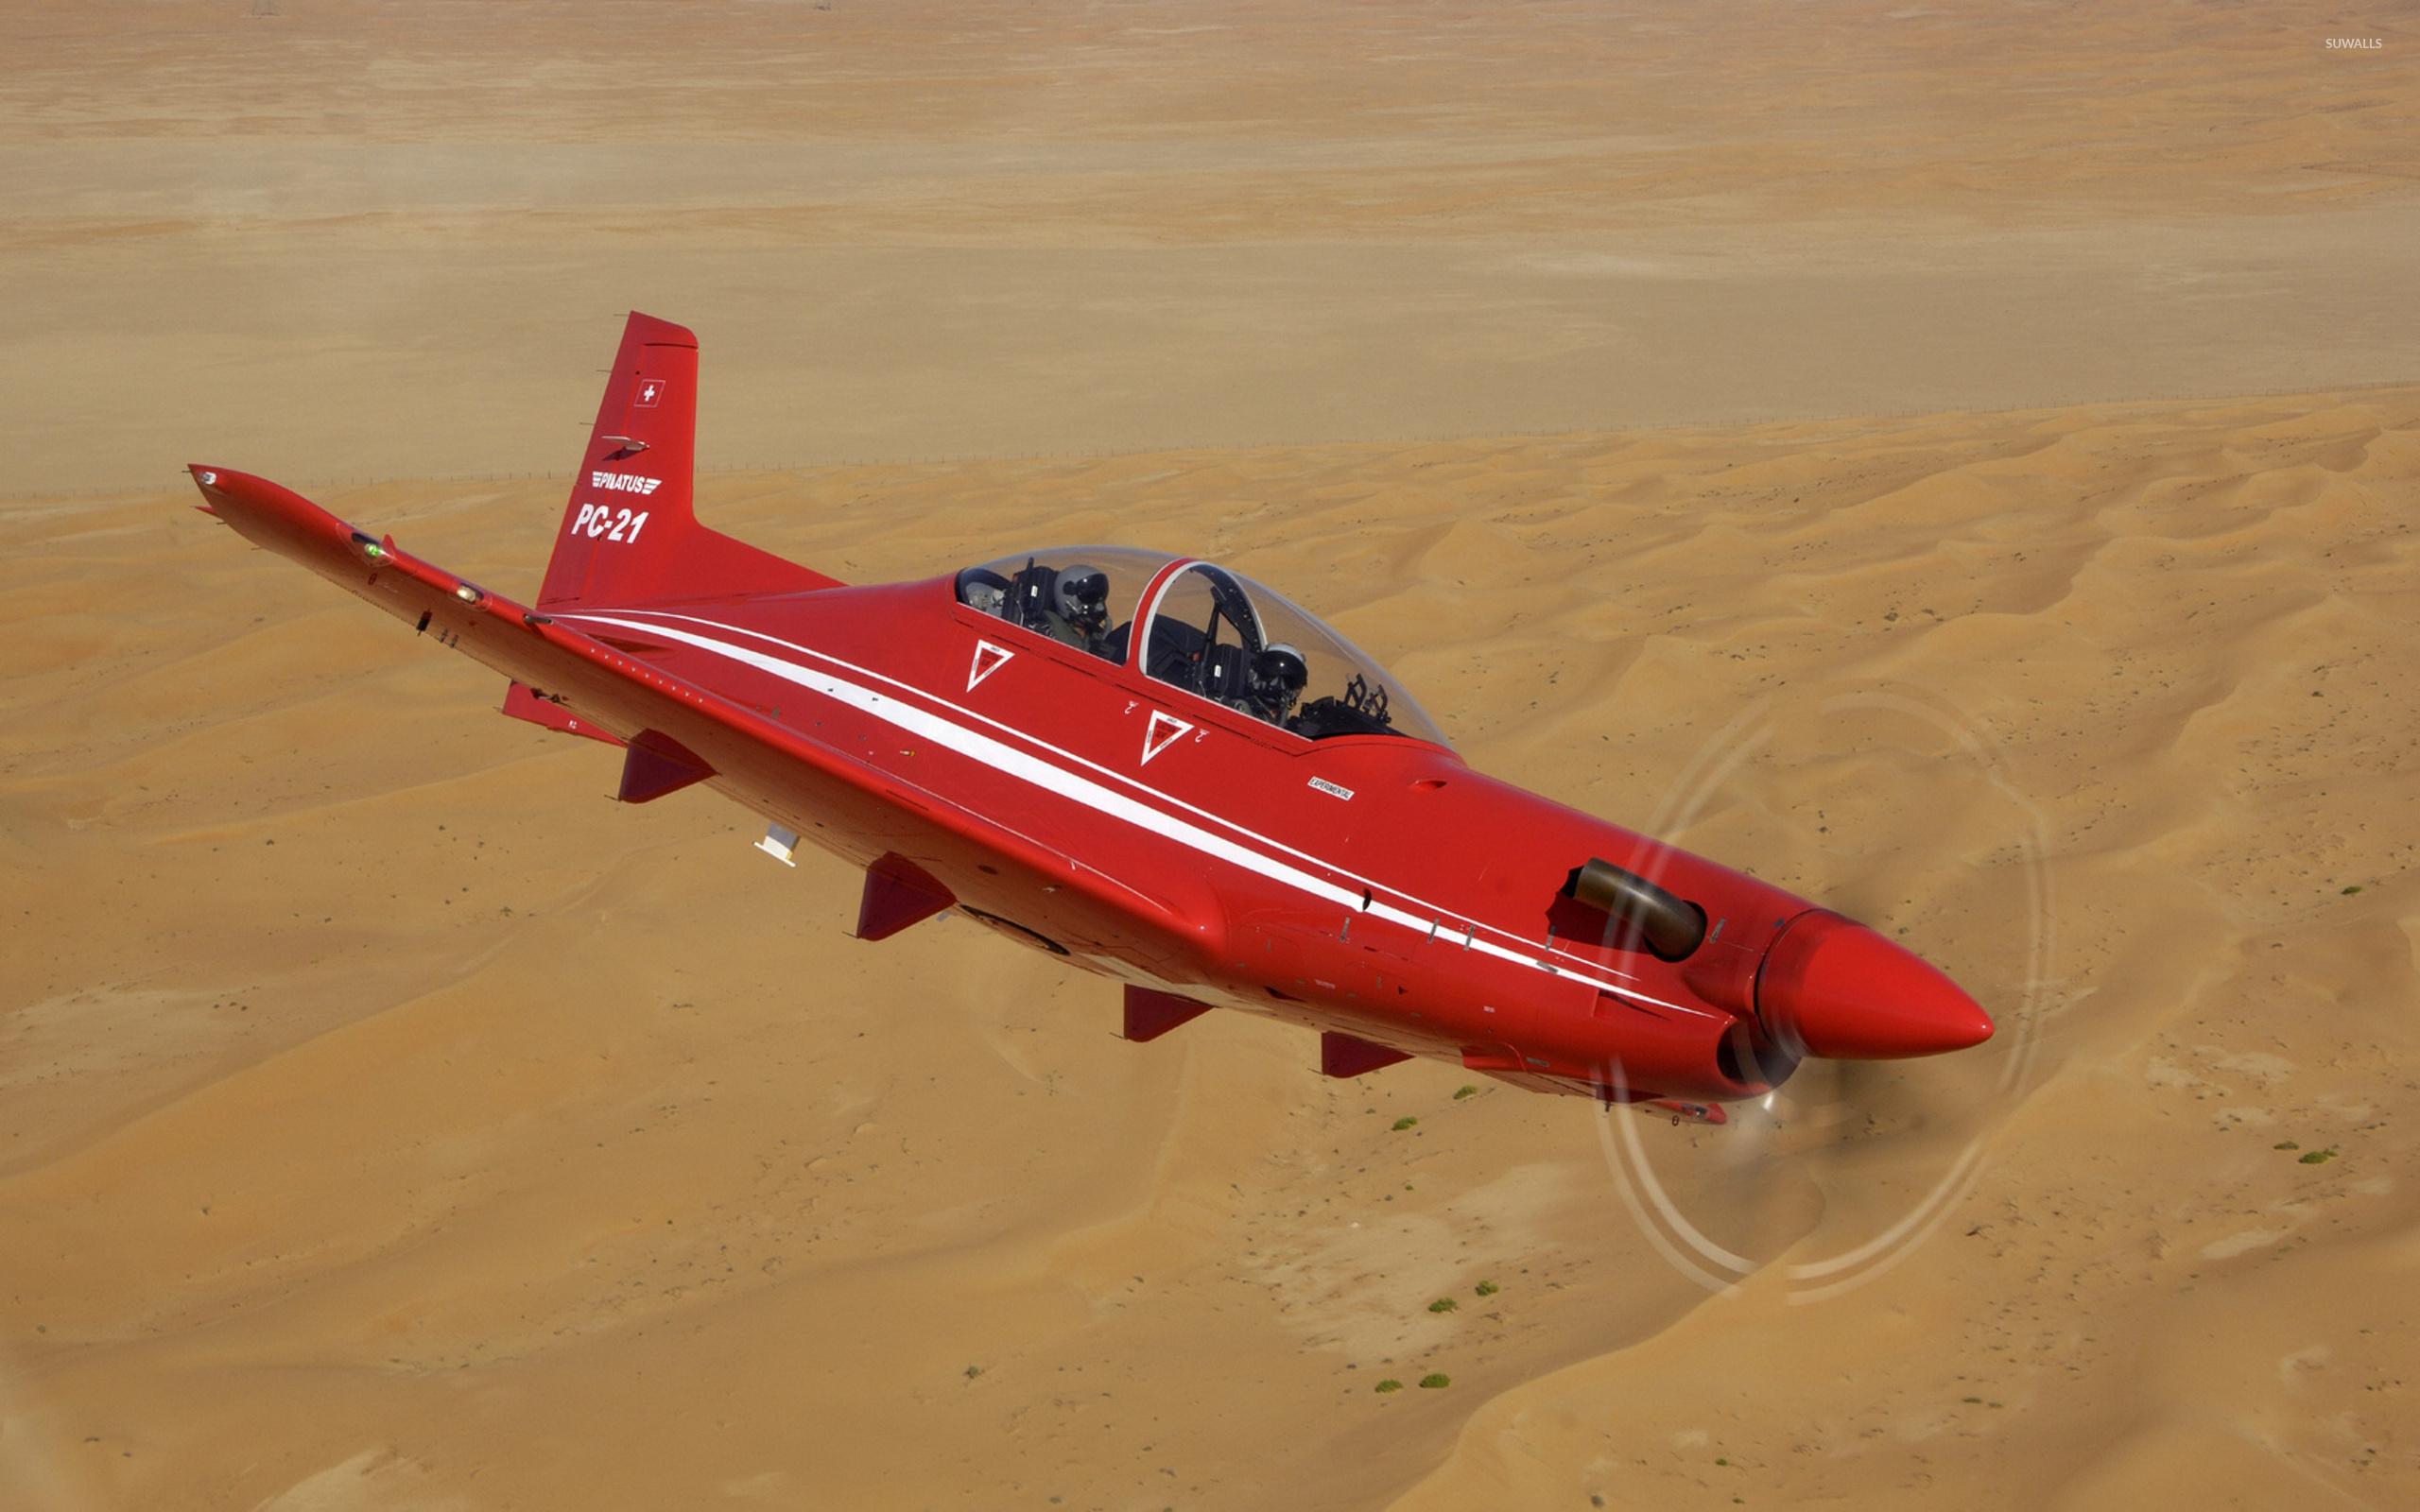 Желтый самолет в пустыне без смс